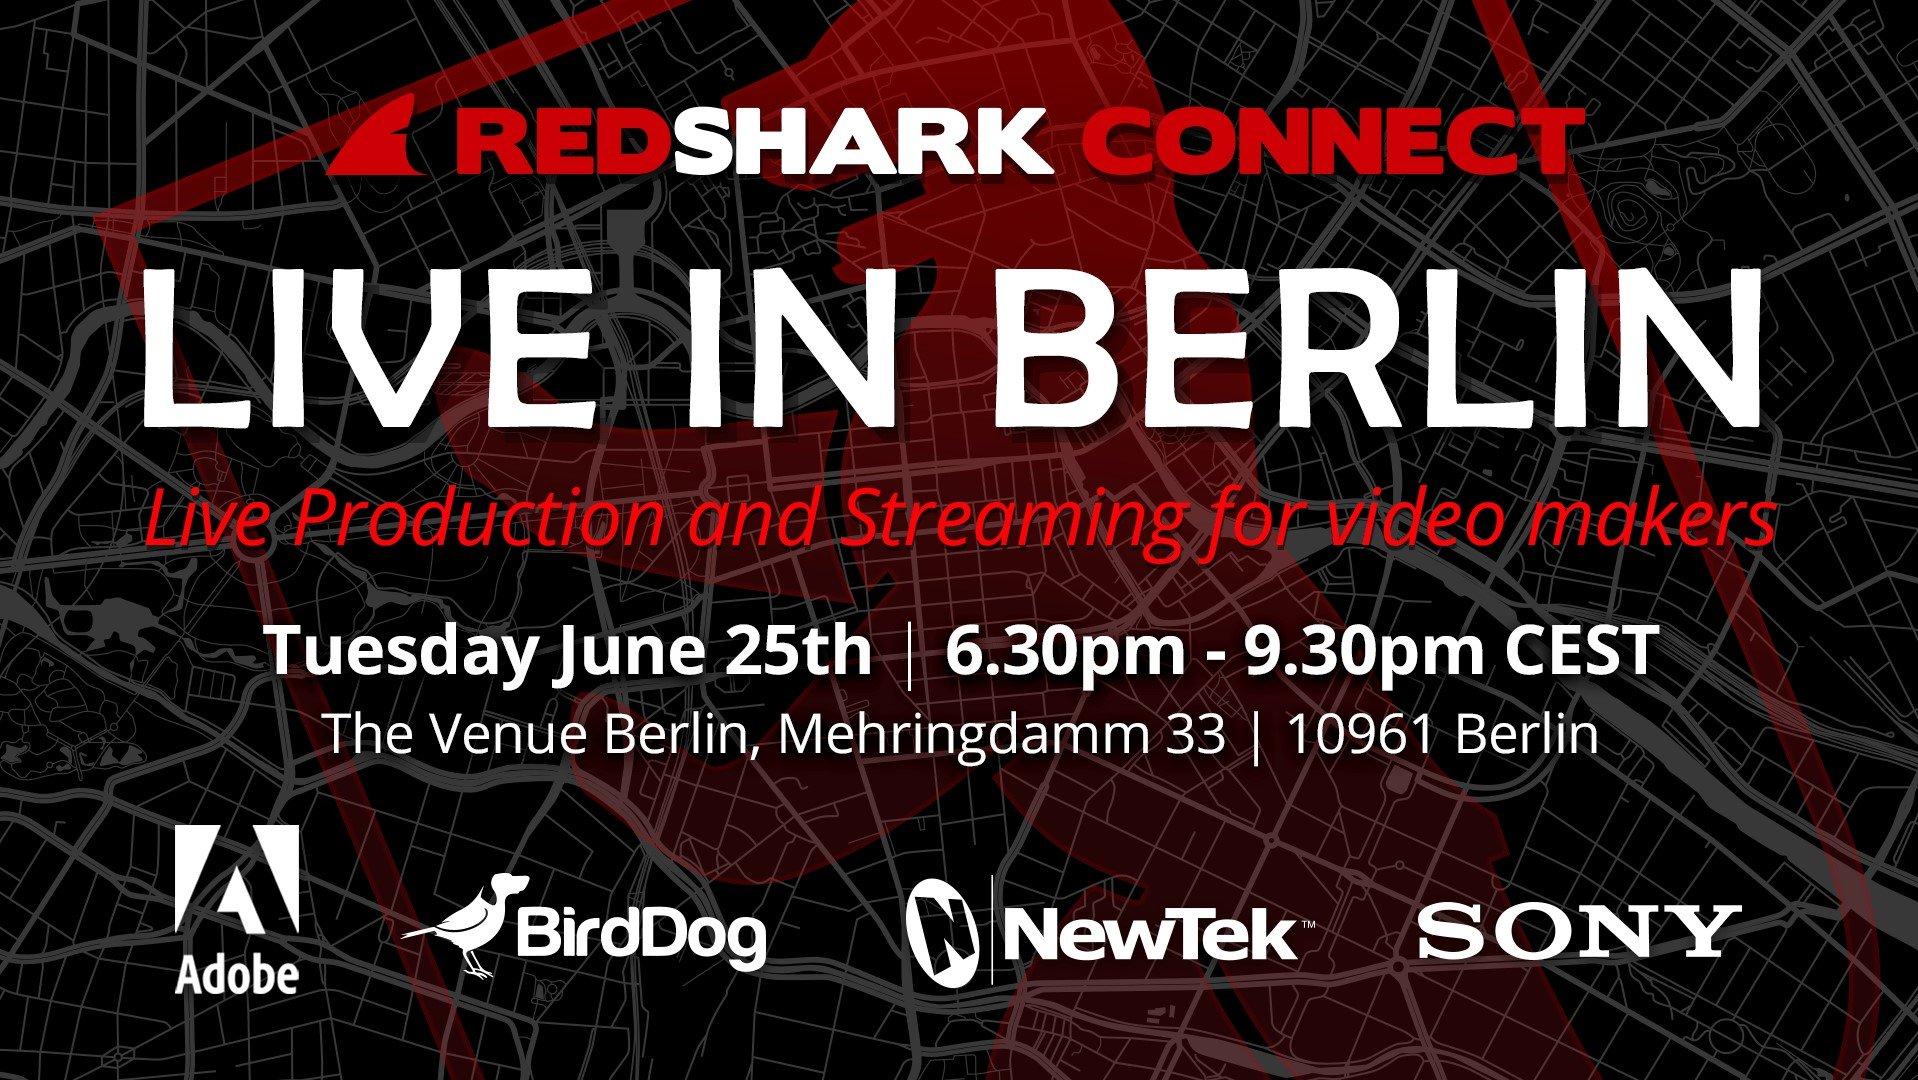 RedShark Ltd